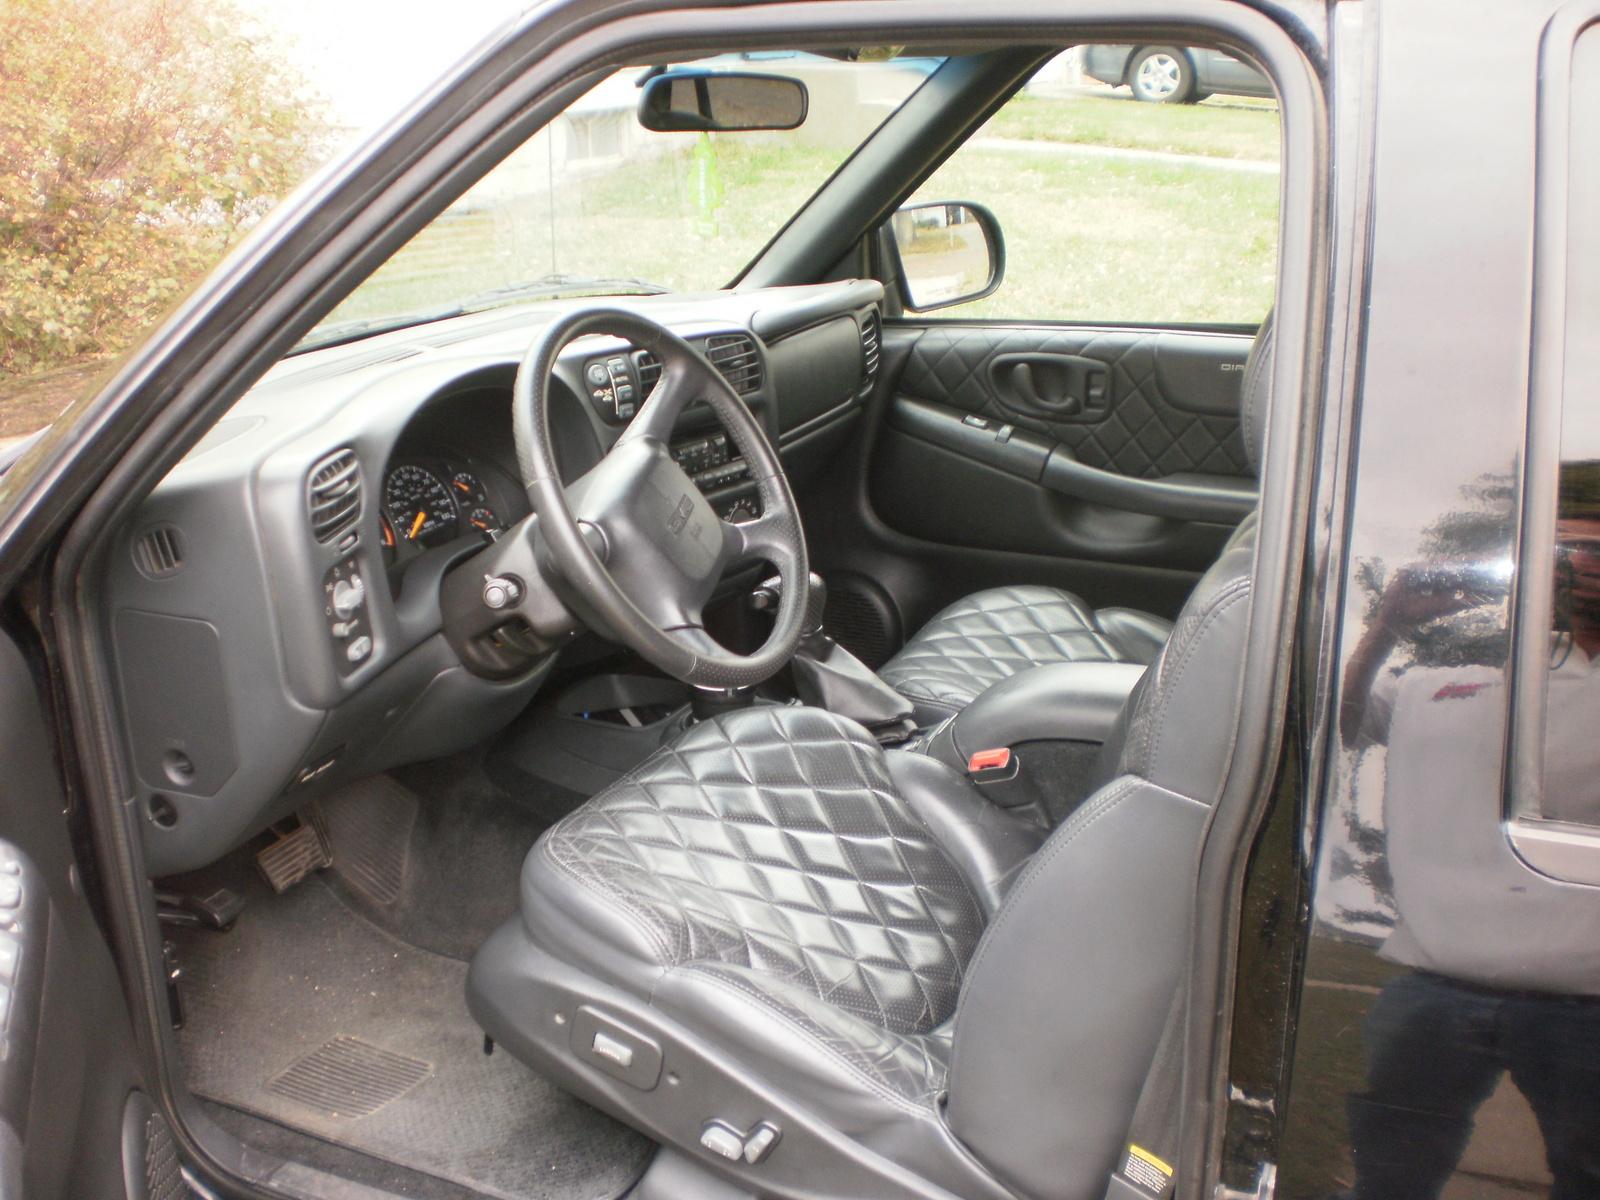 Pin 2000 gmc jimmy interior on pinterest